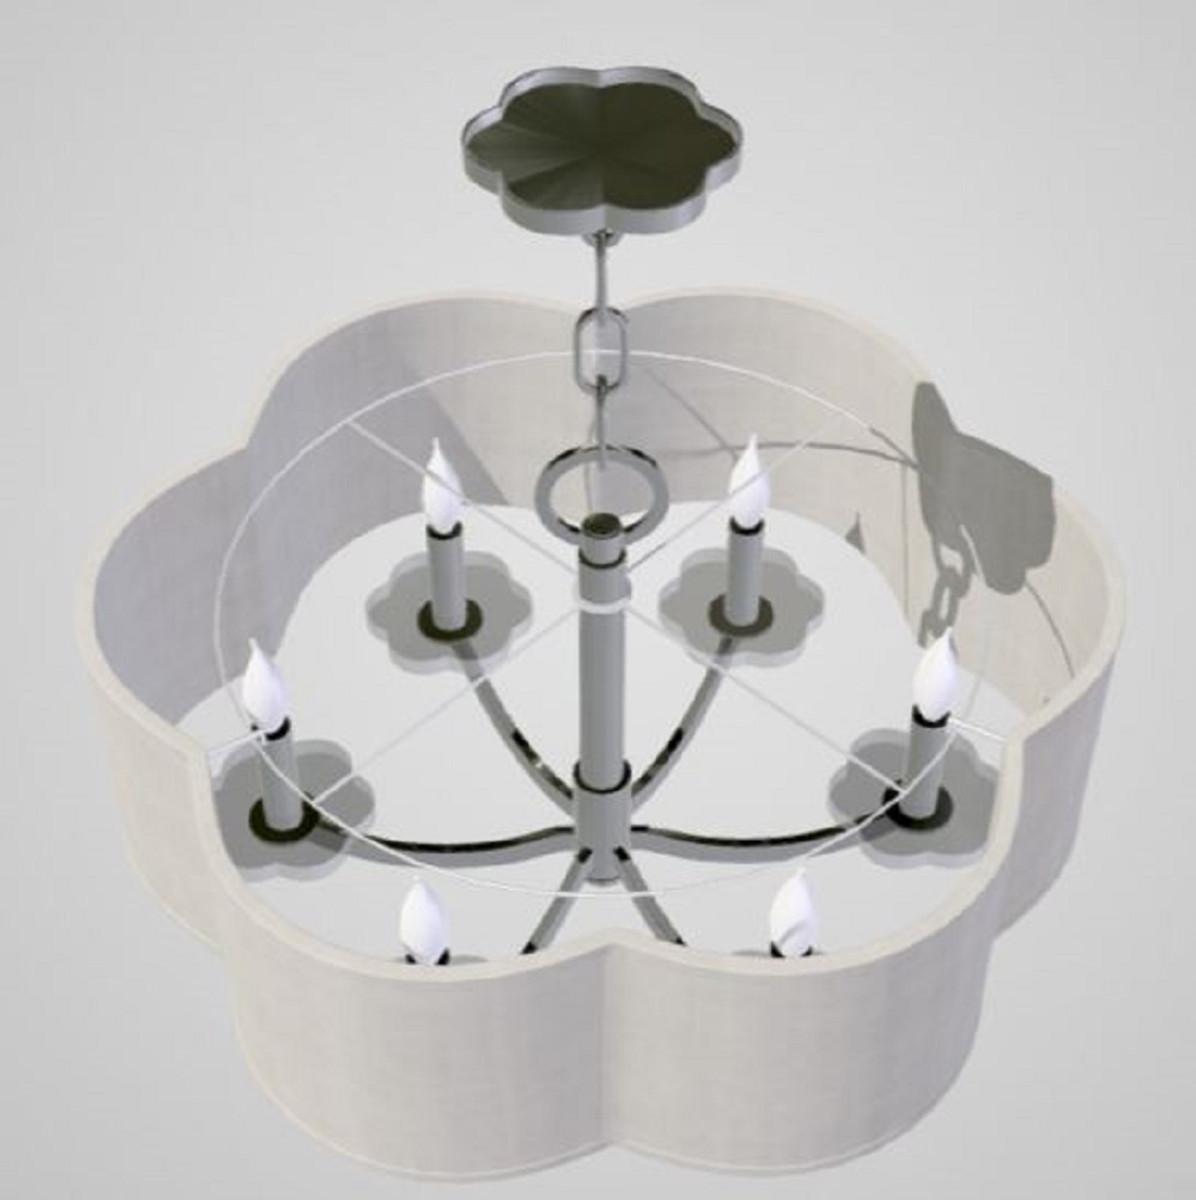 Casa Padrino Luxus Kronleuchter in Kleeblatt Form Silber / Cremefarben Ø 66 x H. 39,4 cm - Luxus Qualität 2